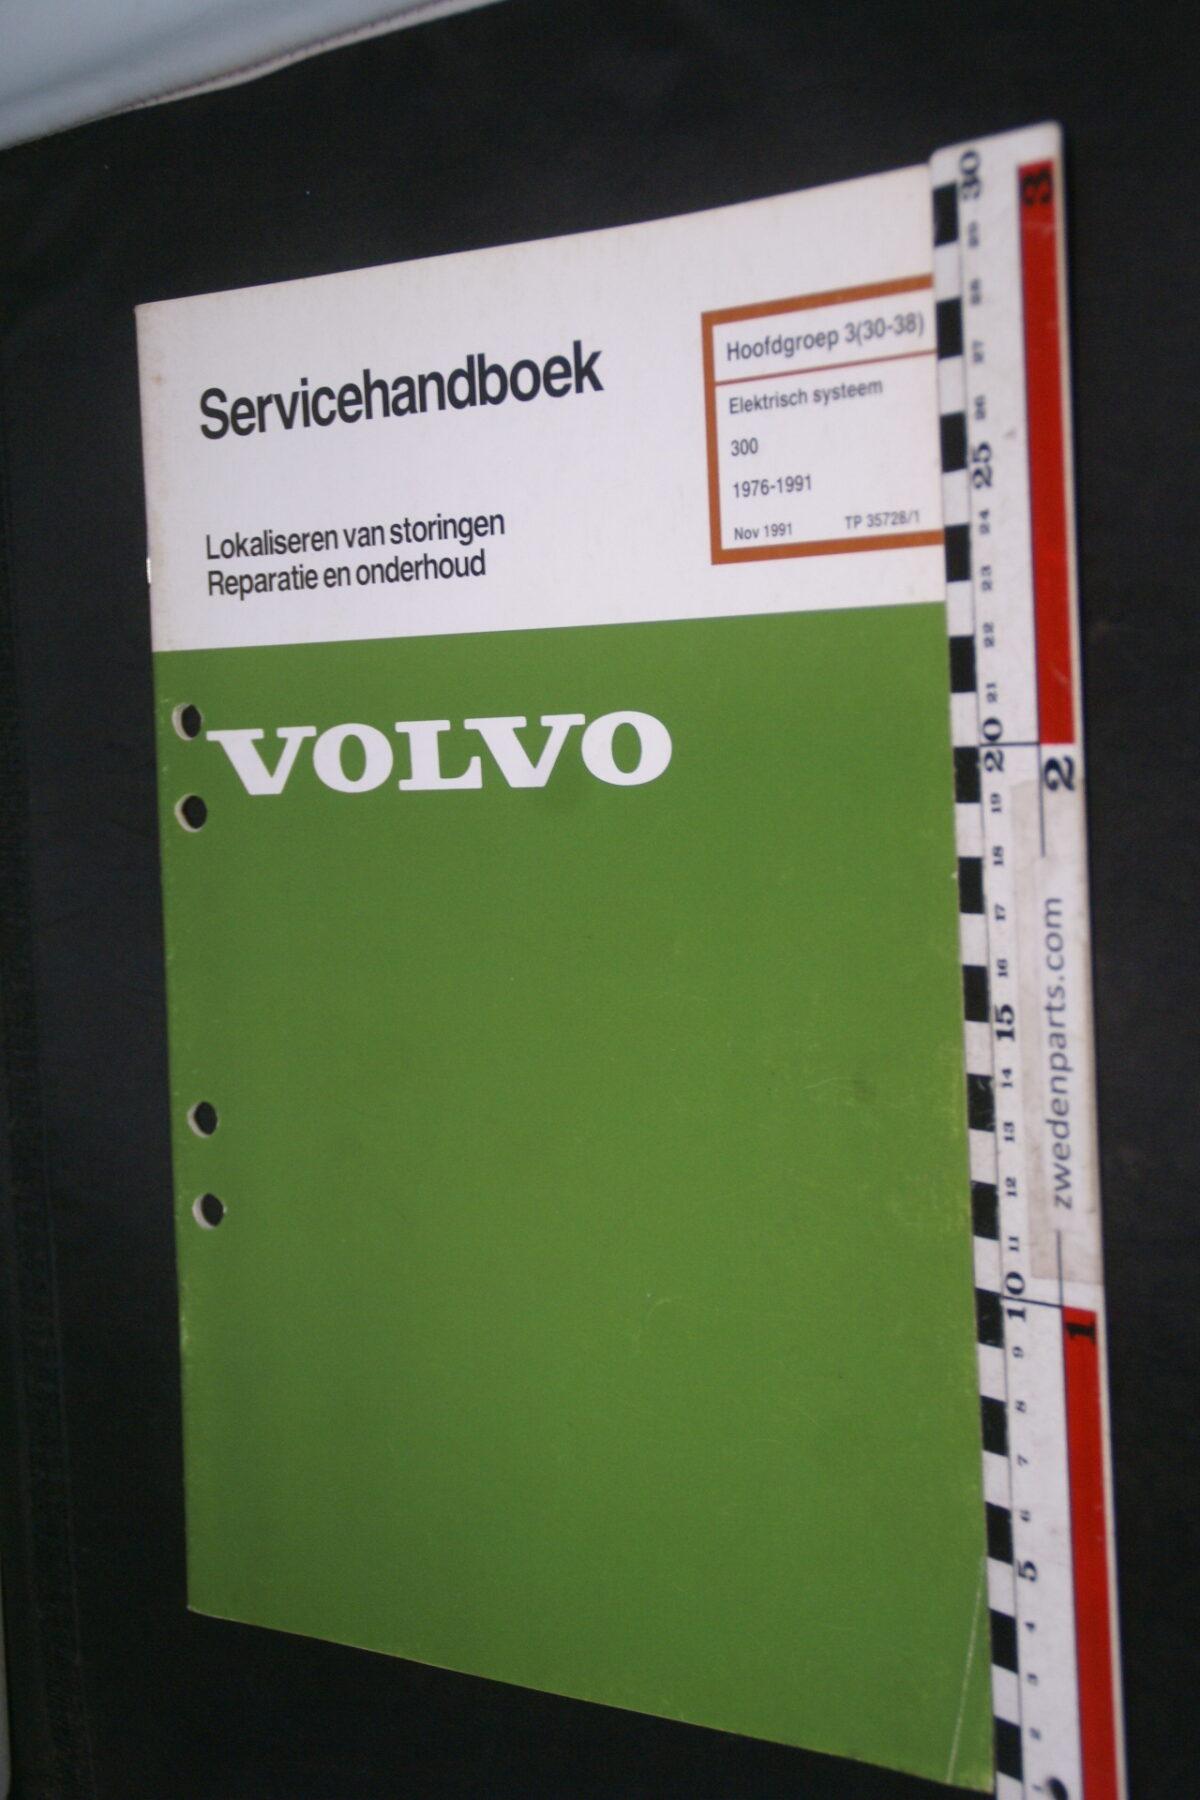 DSC09024 1991 origineel  Volvo 300 servicehandboek electrisch systeem 3 (30-38)  1 van 1.000 nr TP 35728-1